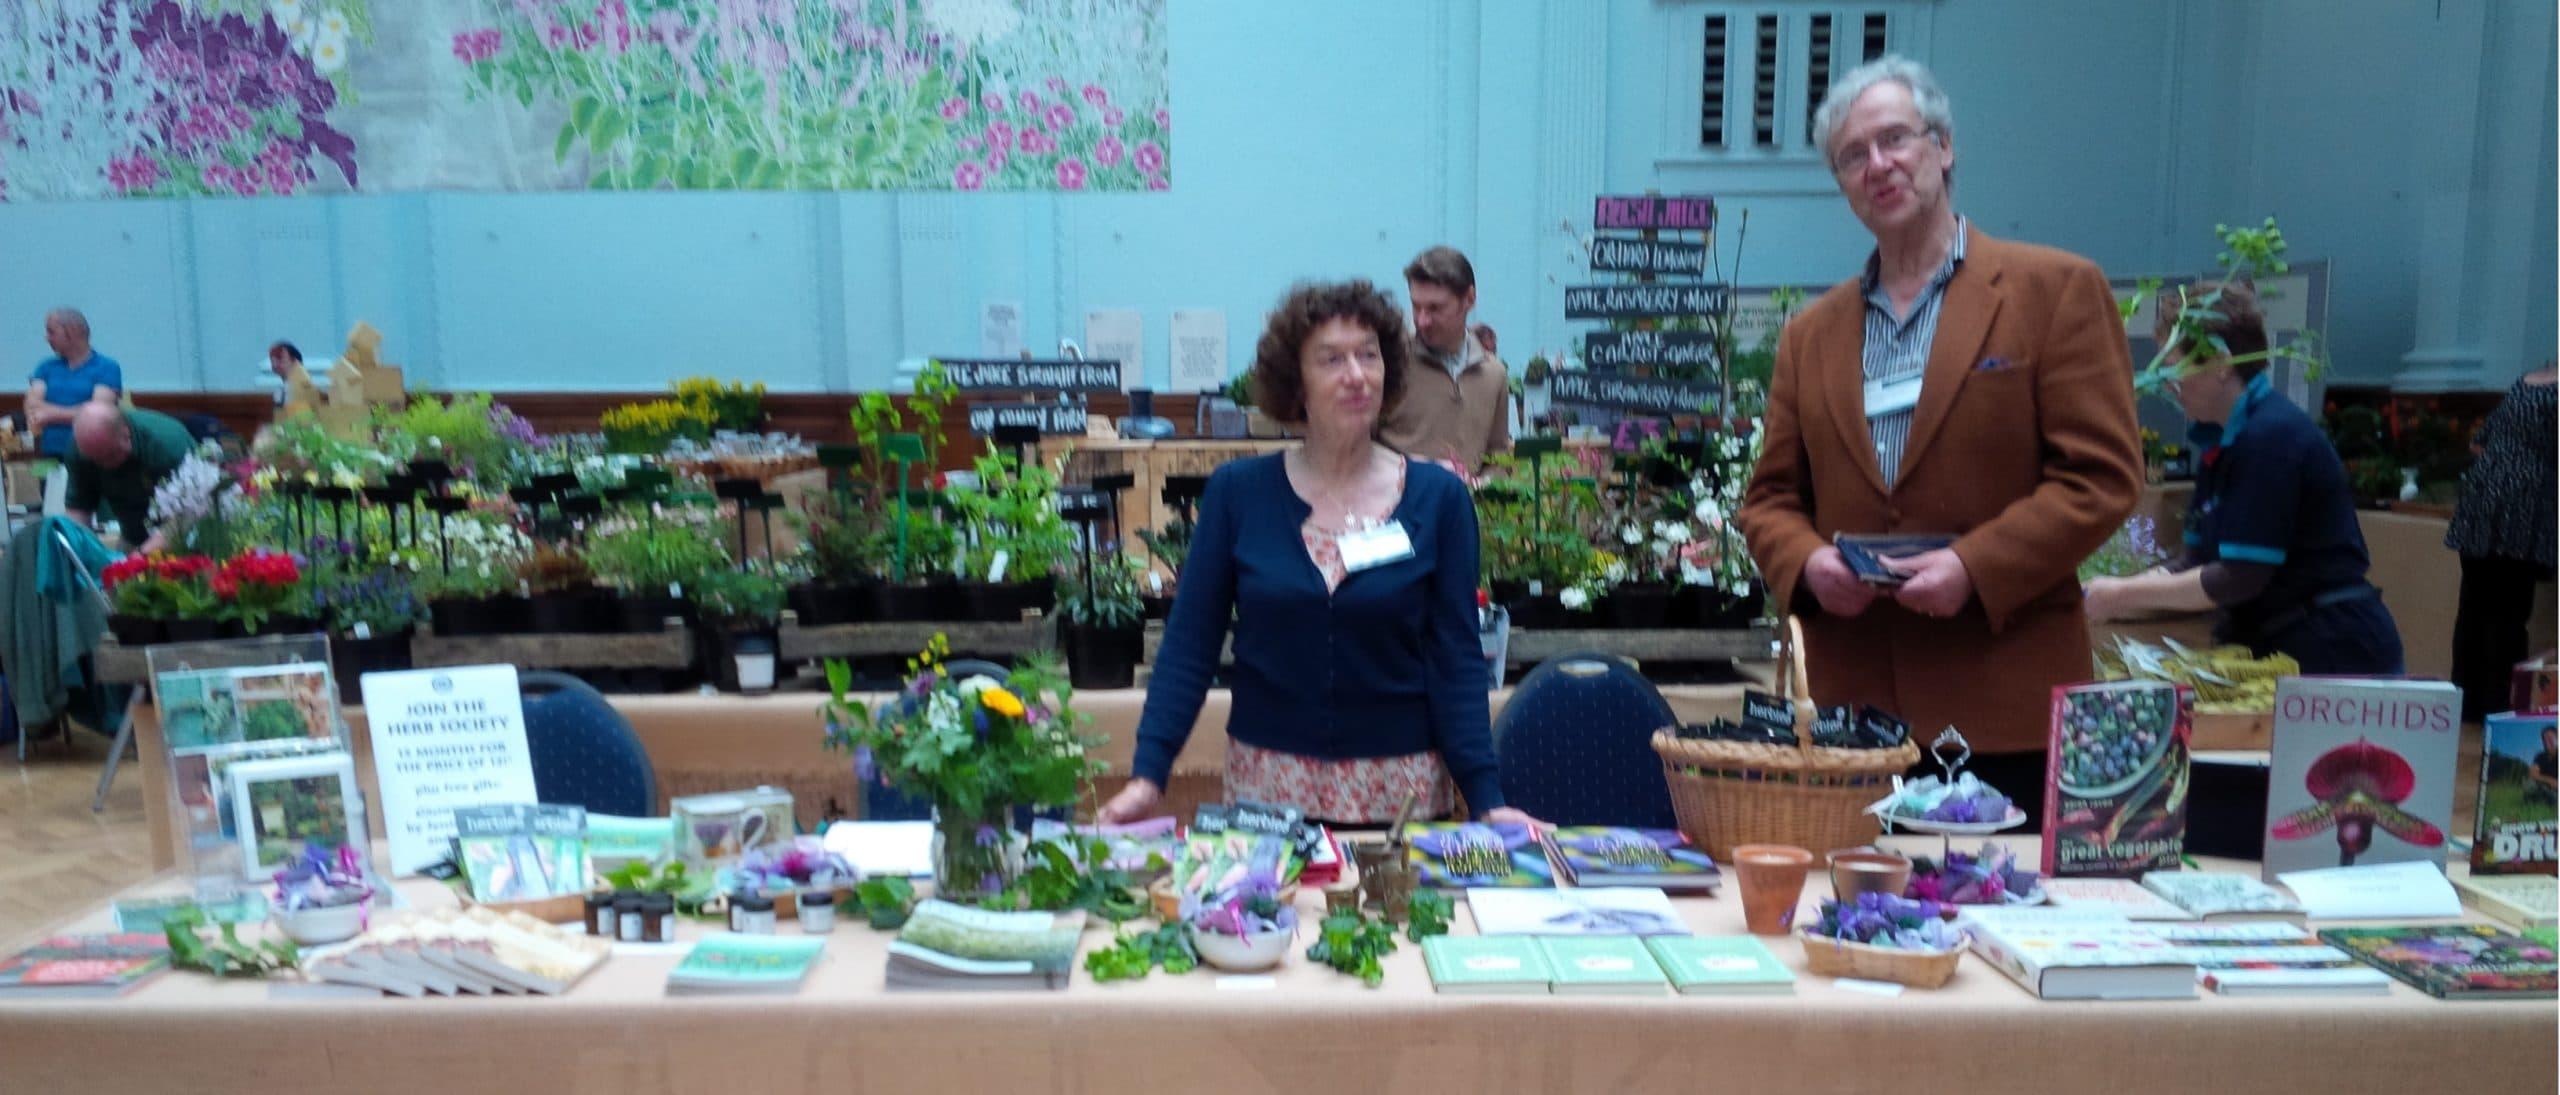 secret garden sundays herb society stall